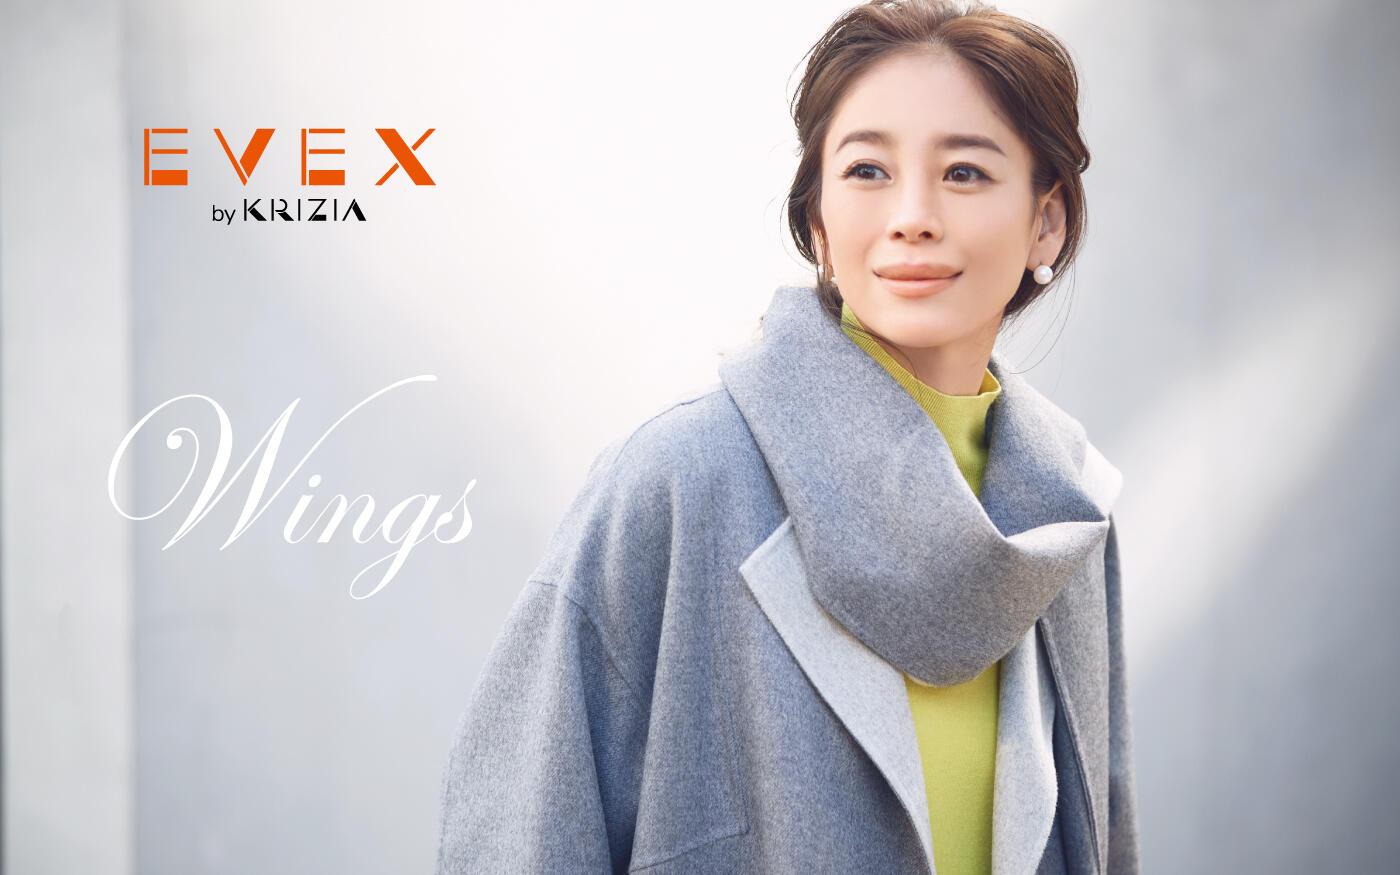 いますぐ取り入れたい、||この冬の最新スタイル|| EVEX by KRIZIA